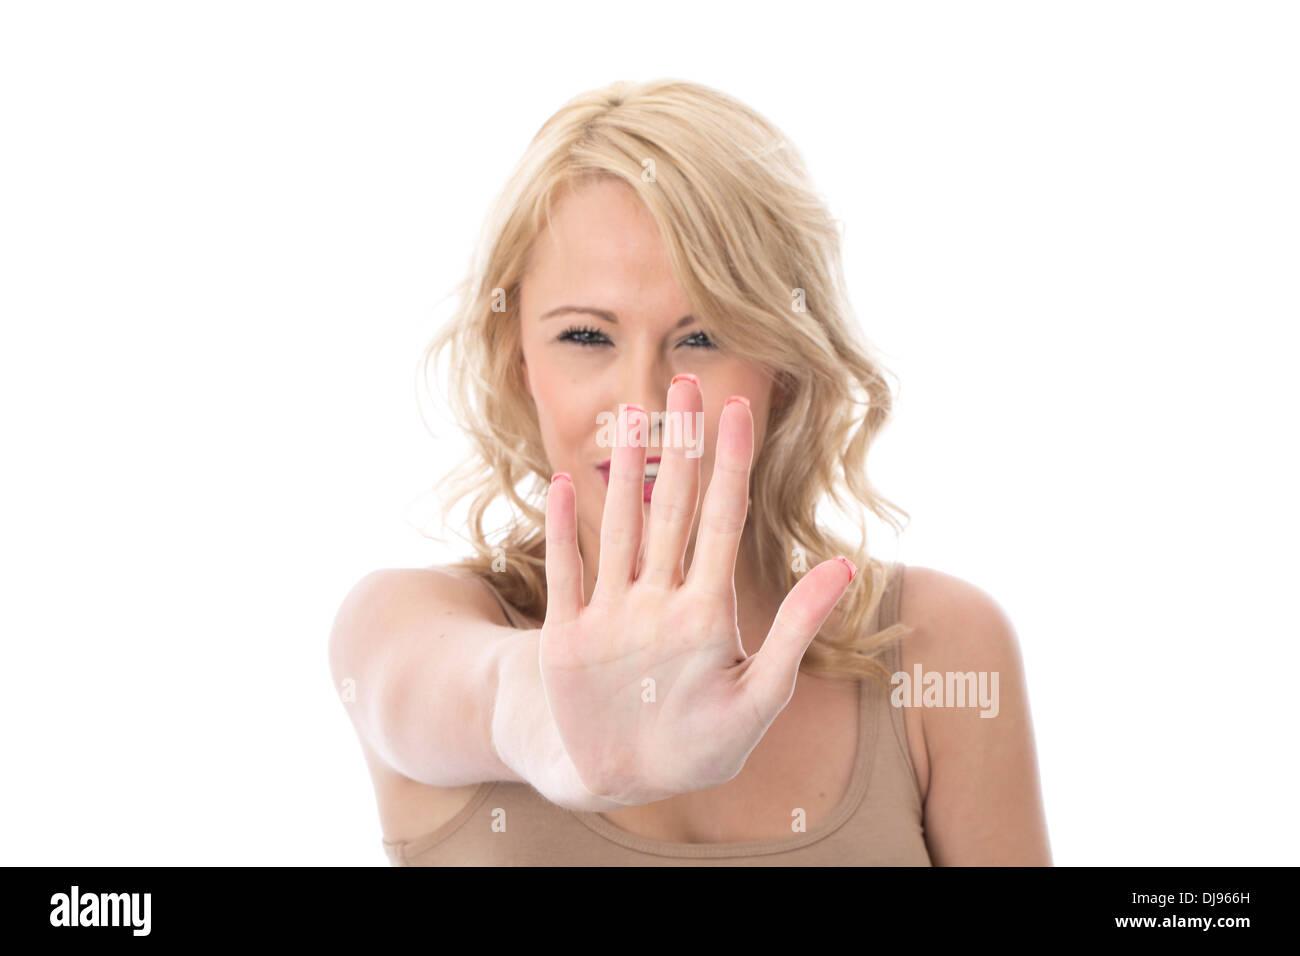 Modelo liberado. atractivo joven levantando la mano Imagen De Stock